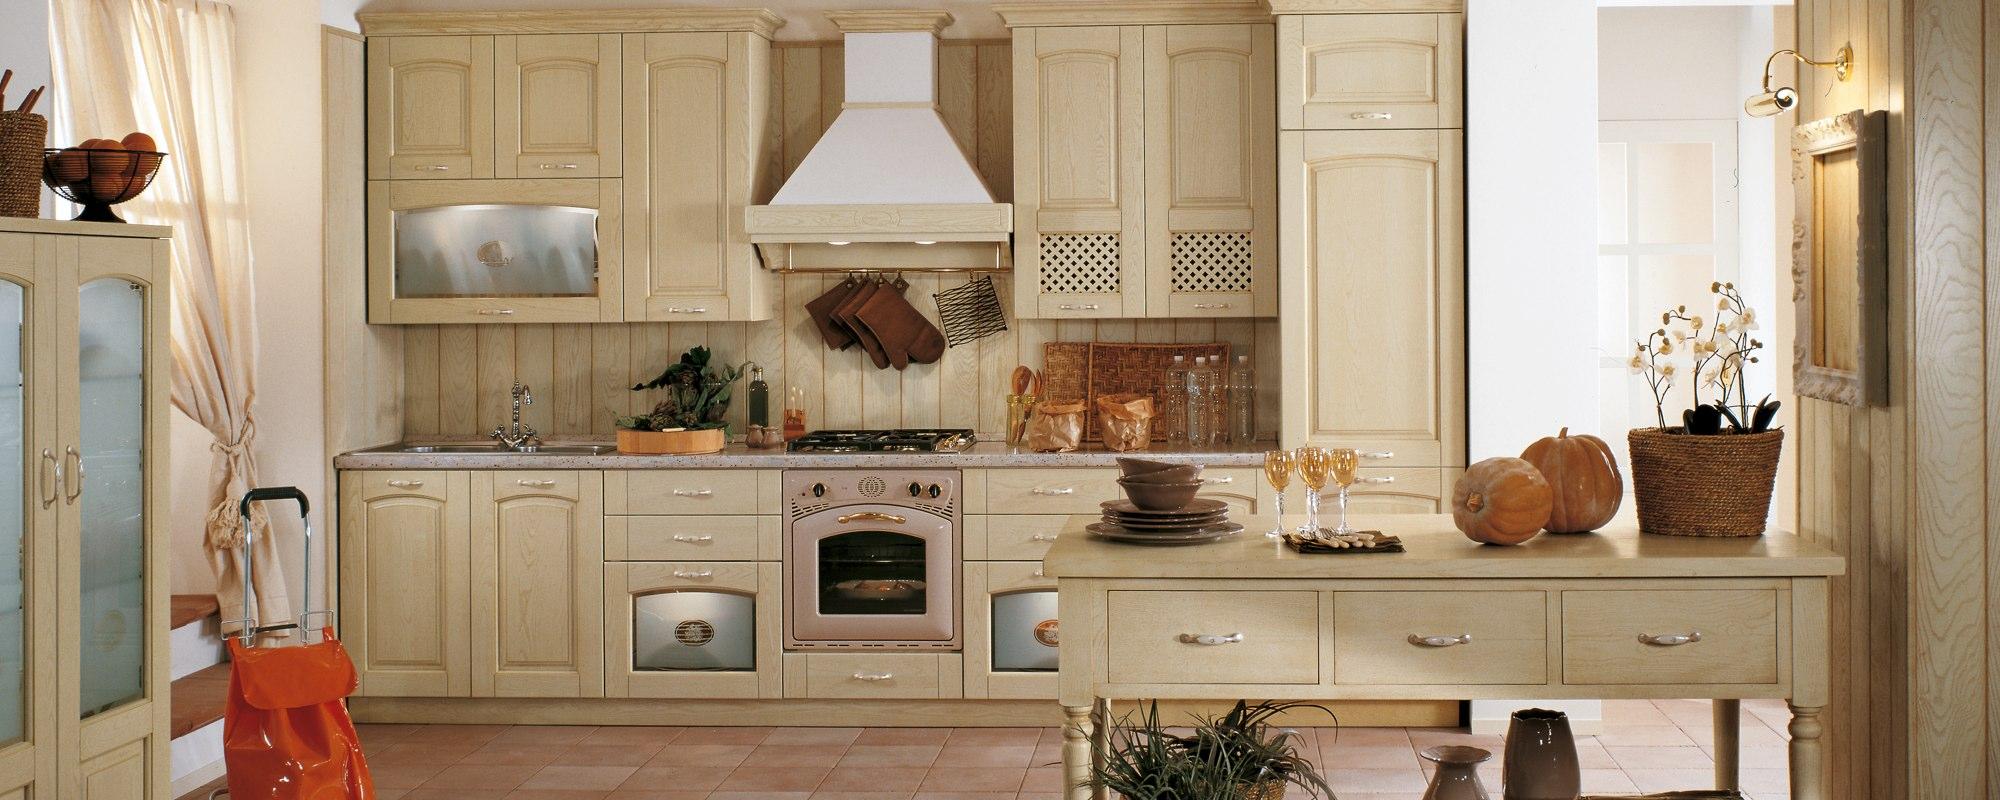 stosa-cucine-classiche-ginevra-cagliari-37 | Cucine Cagliari Stosa ...